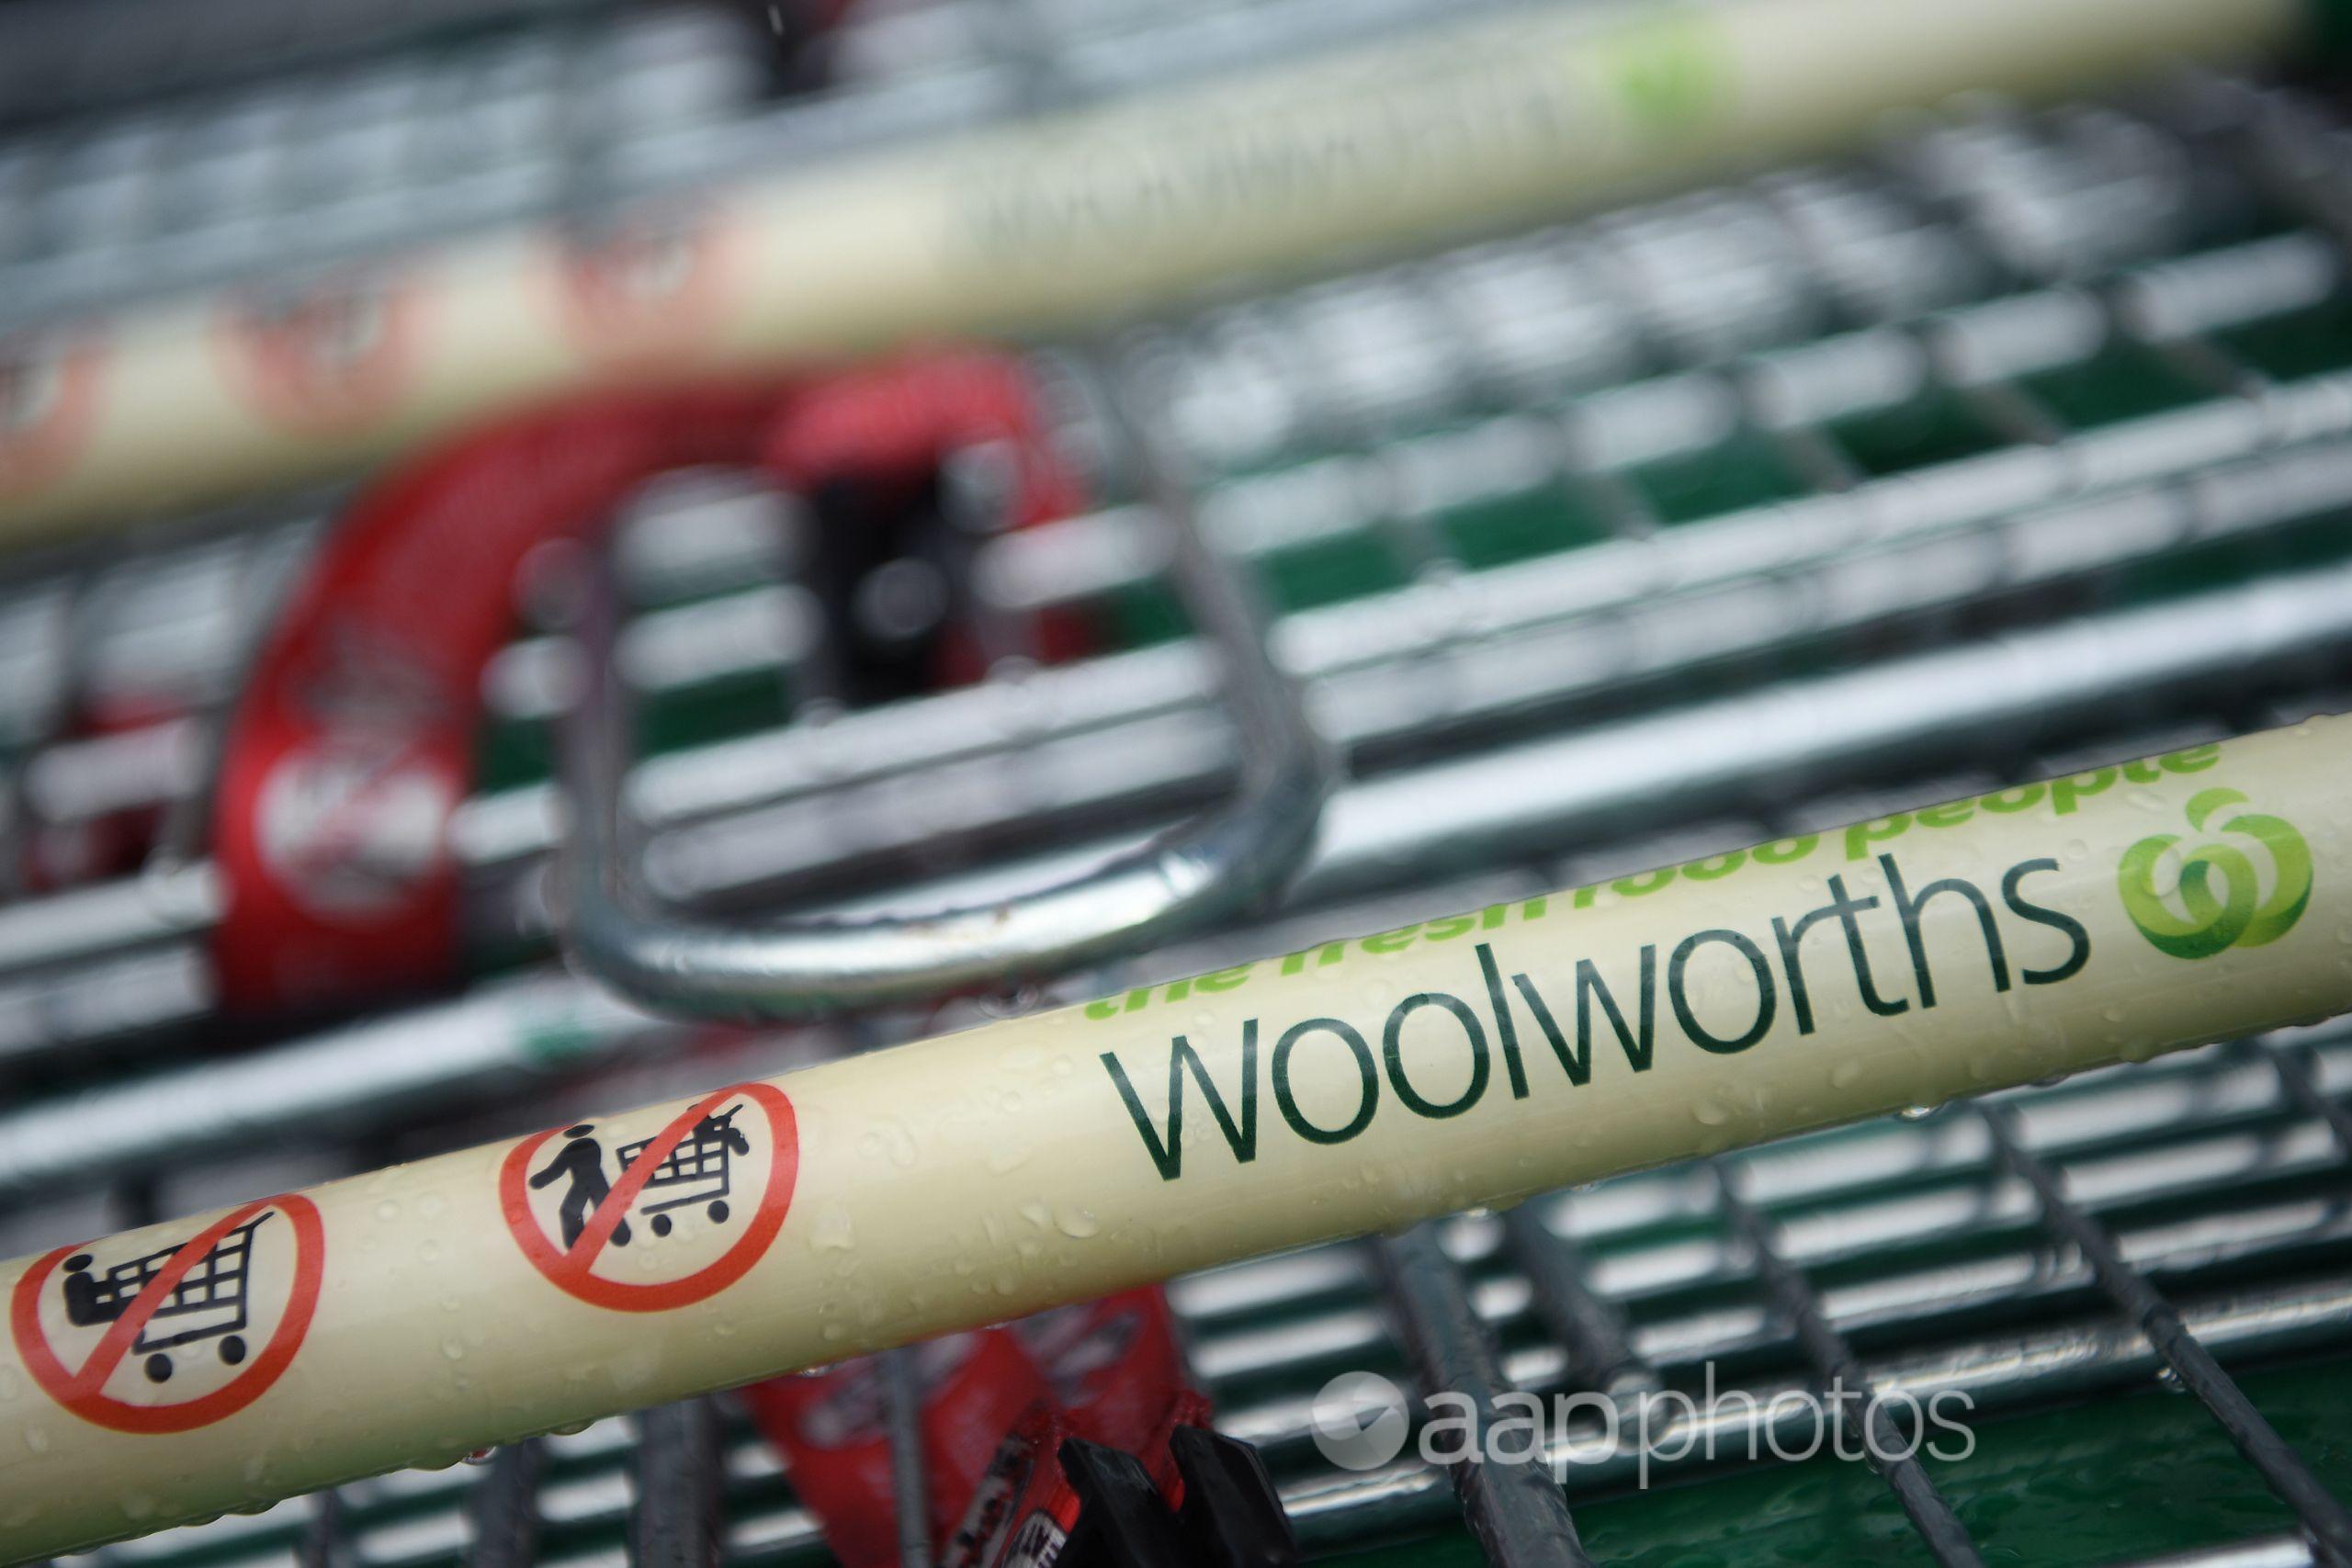 Woolworths shopping trolley